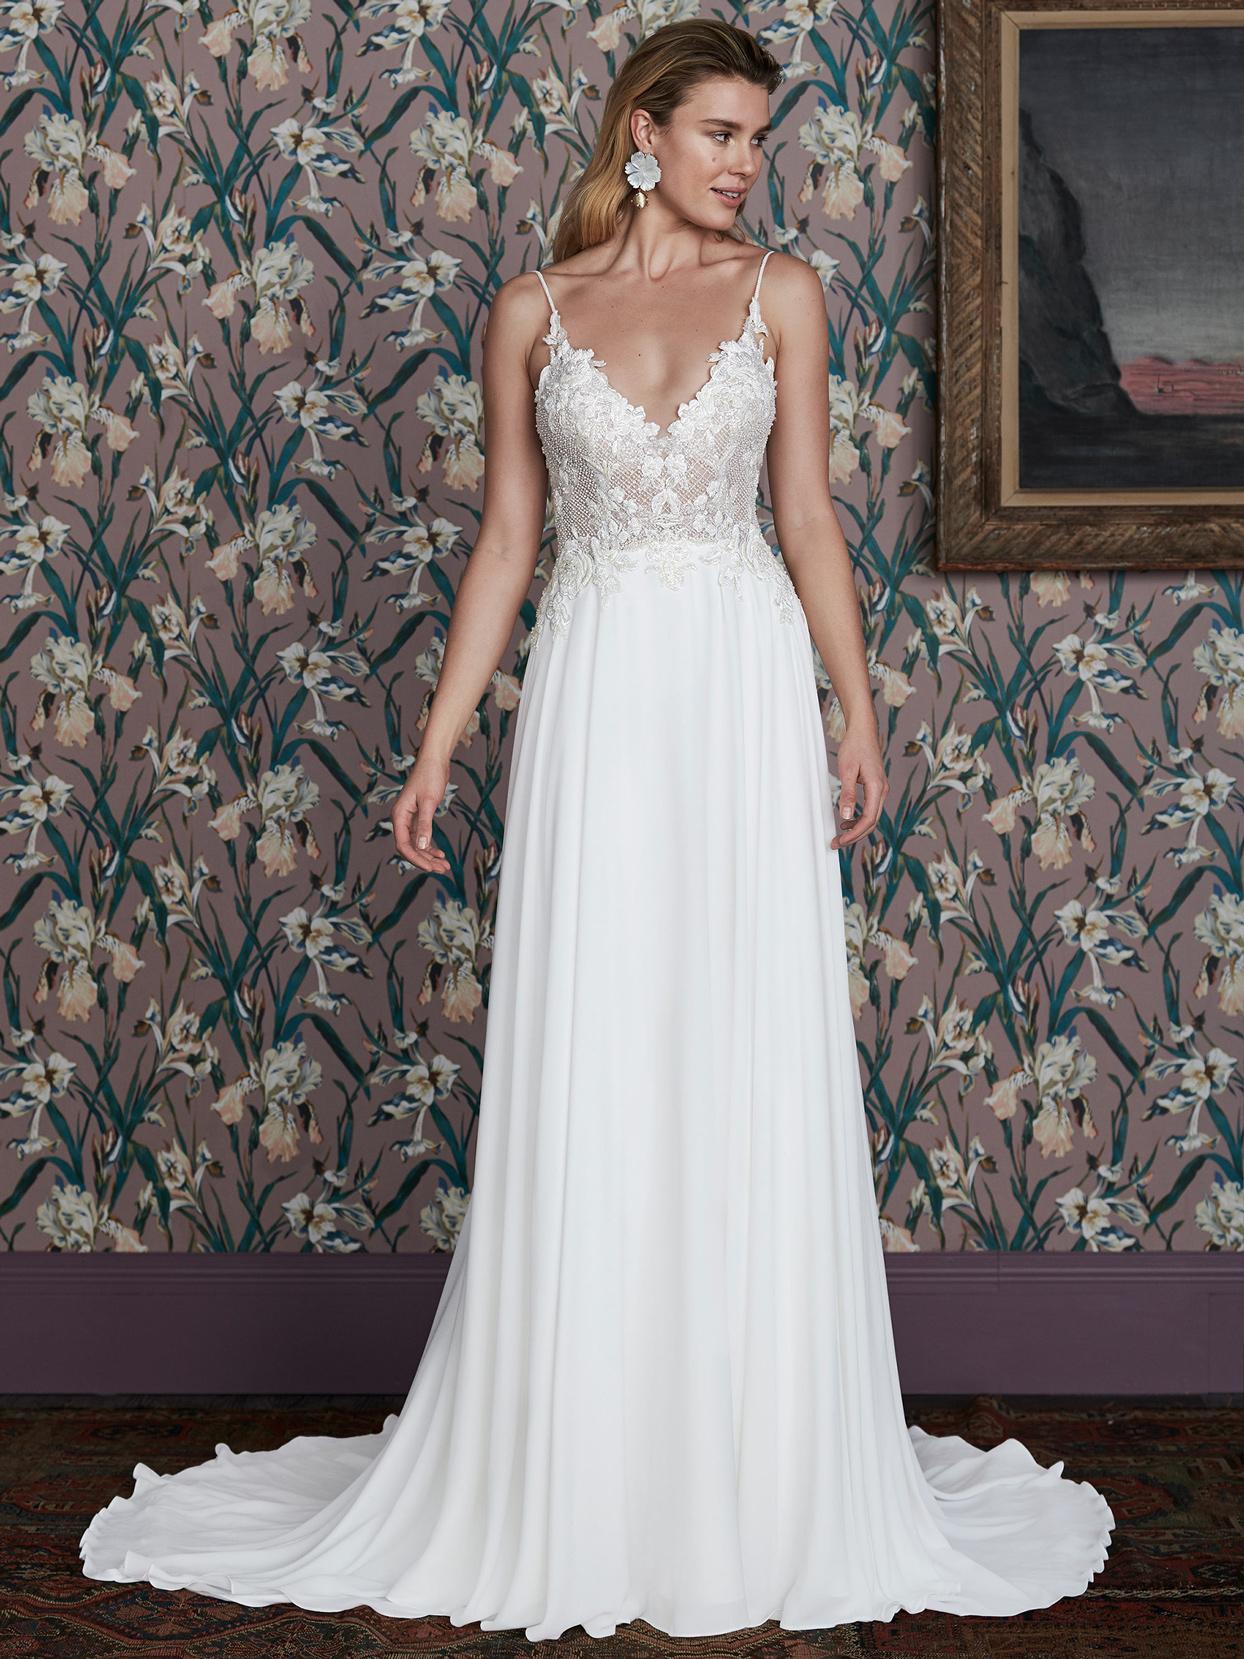 justin alexander sheer lace bodice v-neck wedding dress spring 2021